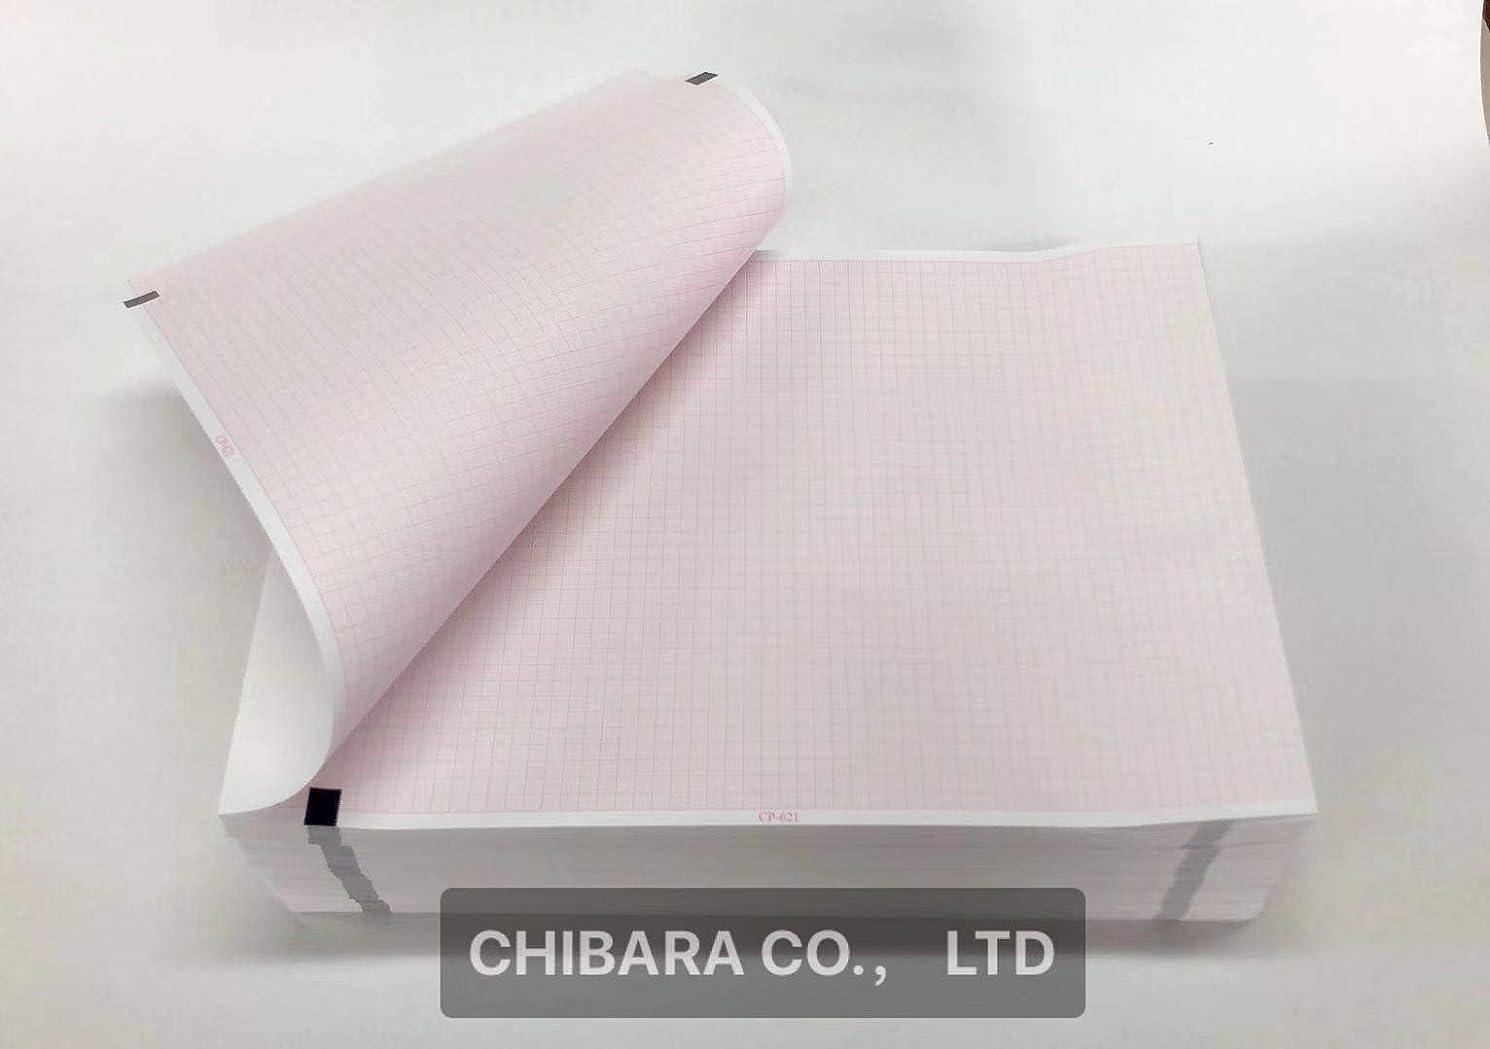 コールドサスペンションにもかかわらず心電図記録紙(折り畳み型)CP-621U-300(2冊入)